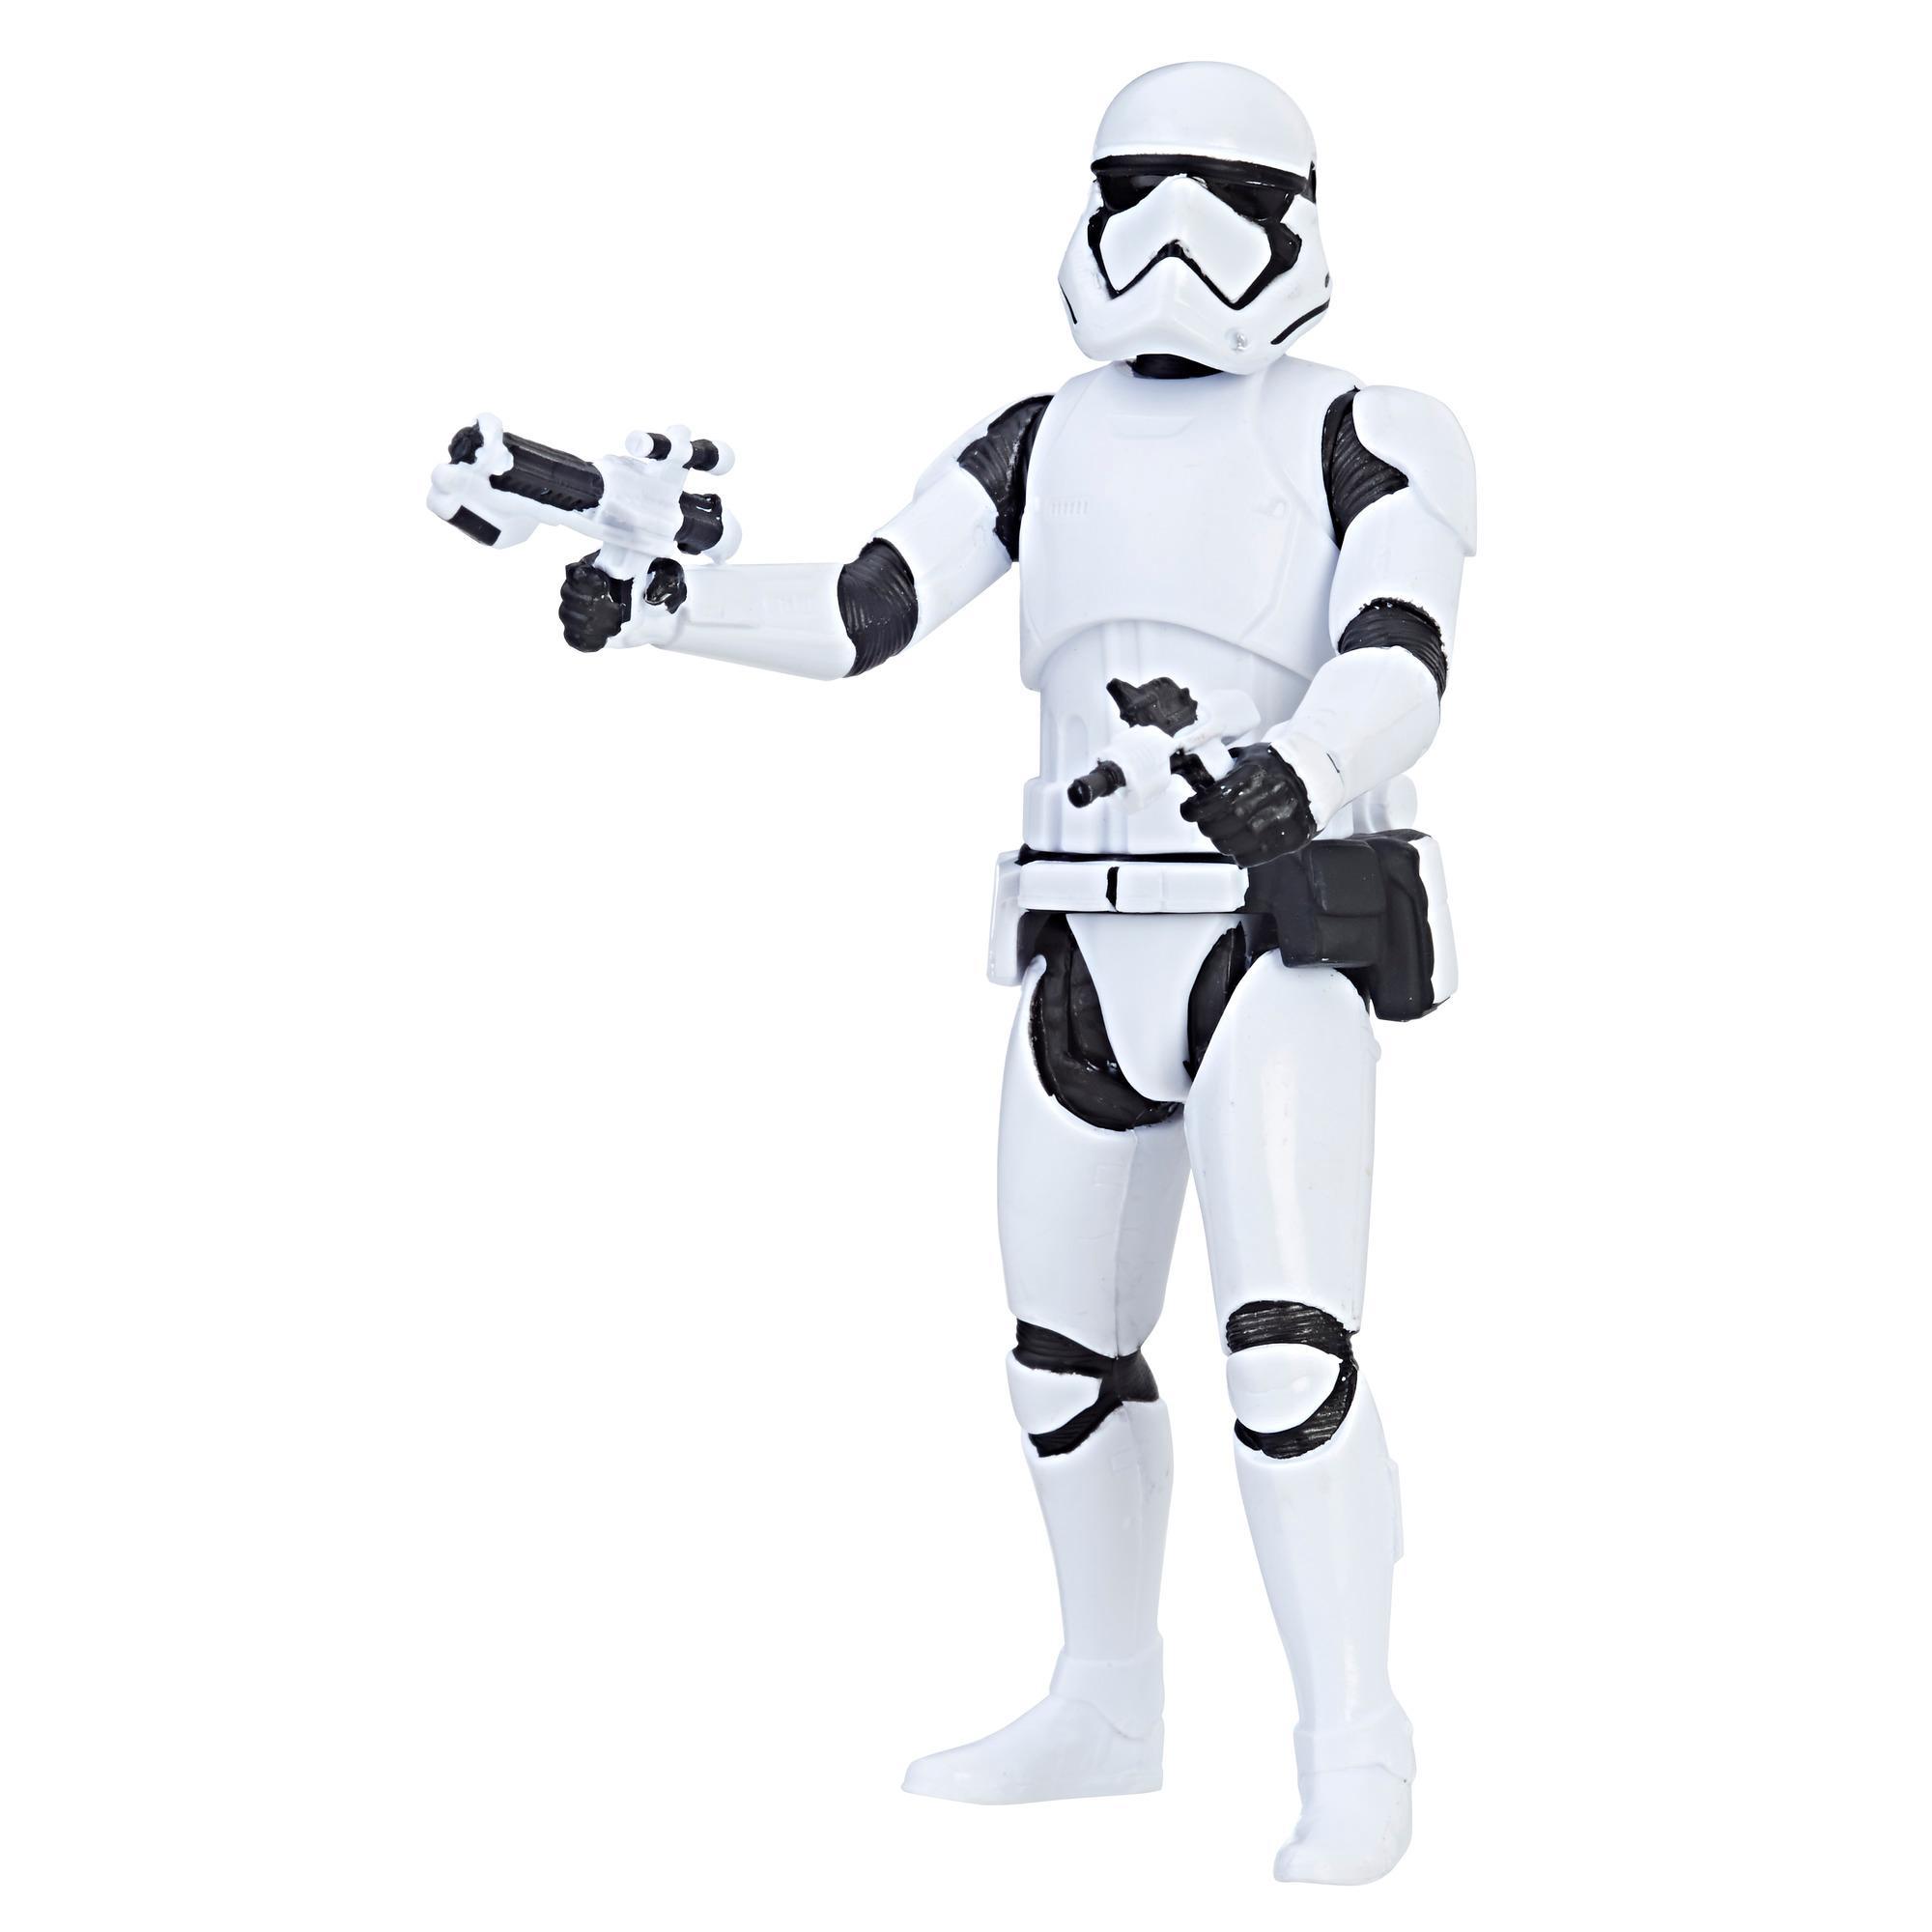 Star Wars - Figurine Force Link Stormtrooper du Premier Ordre